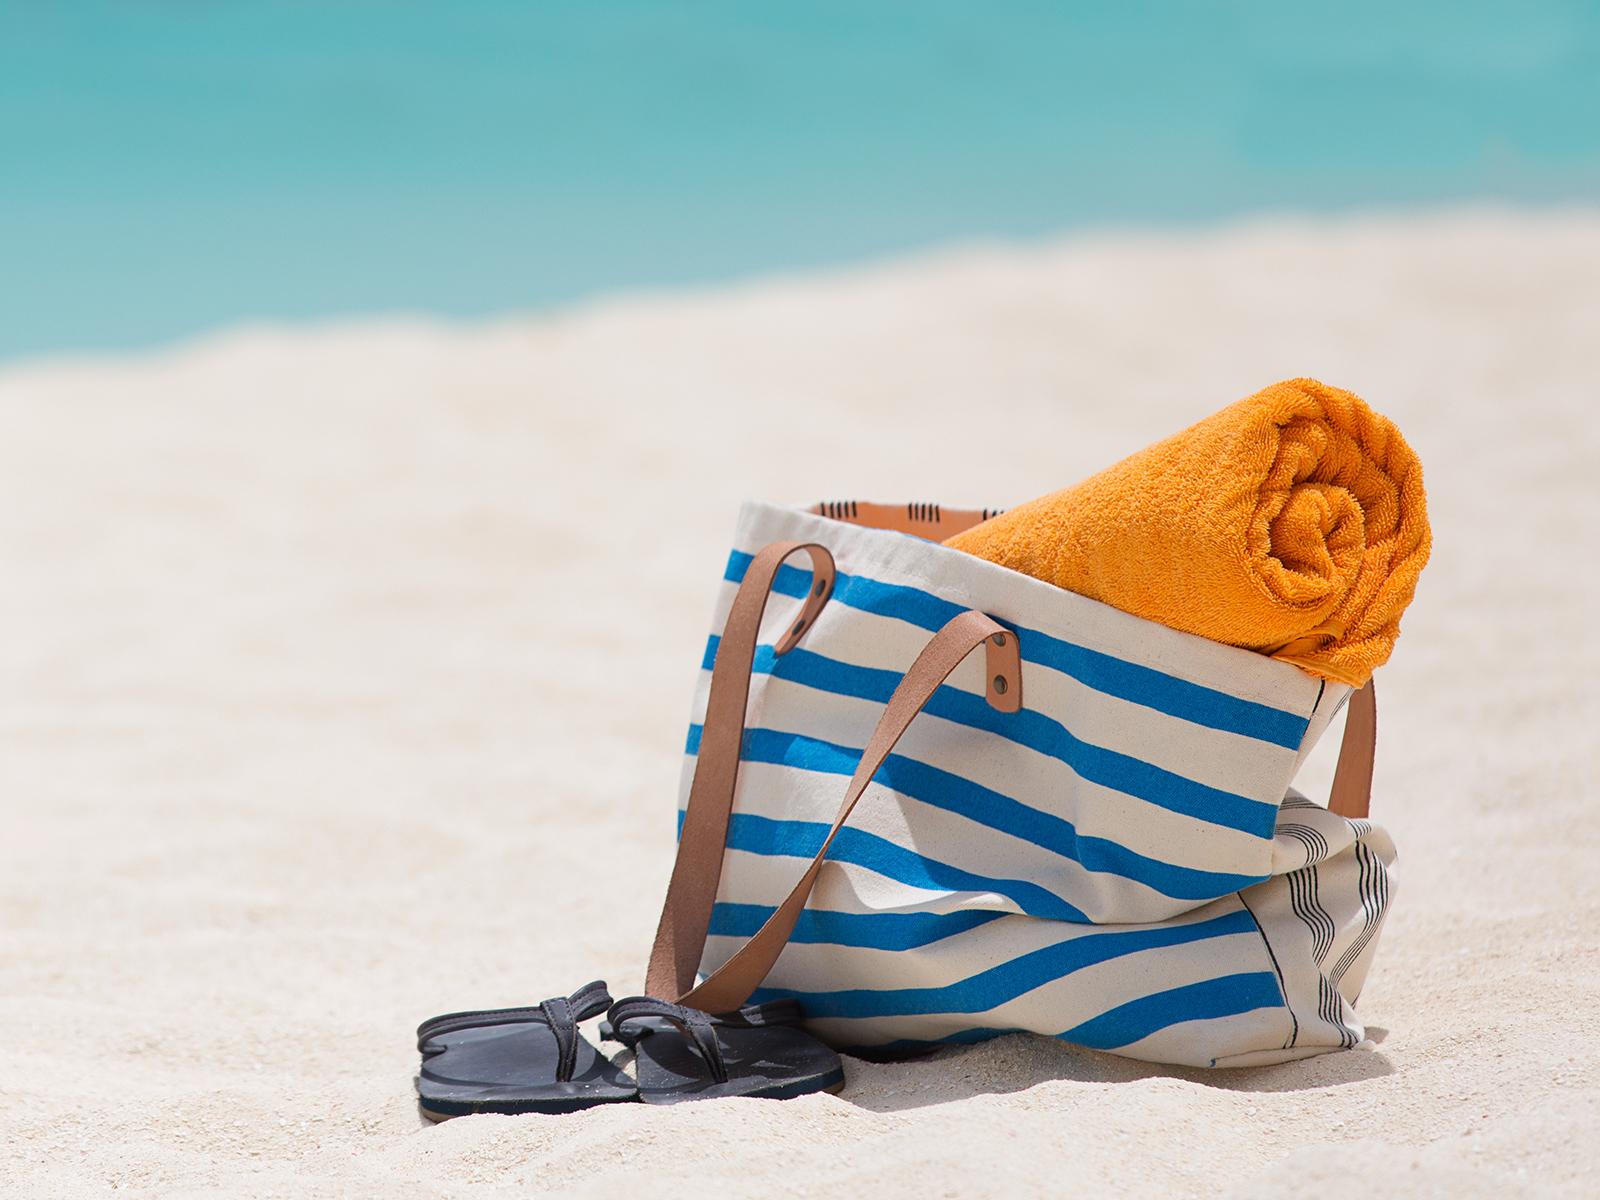 Borsa Re-towel sulla spiaggia